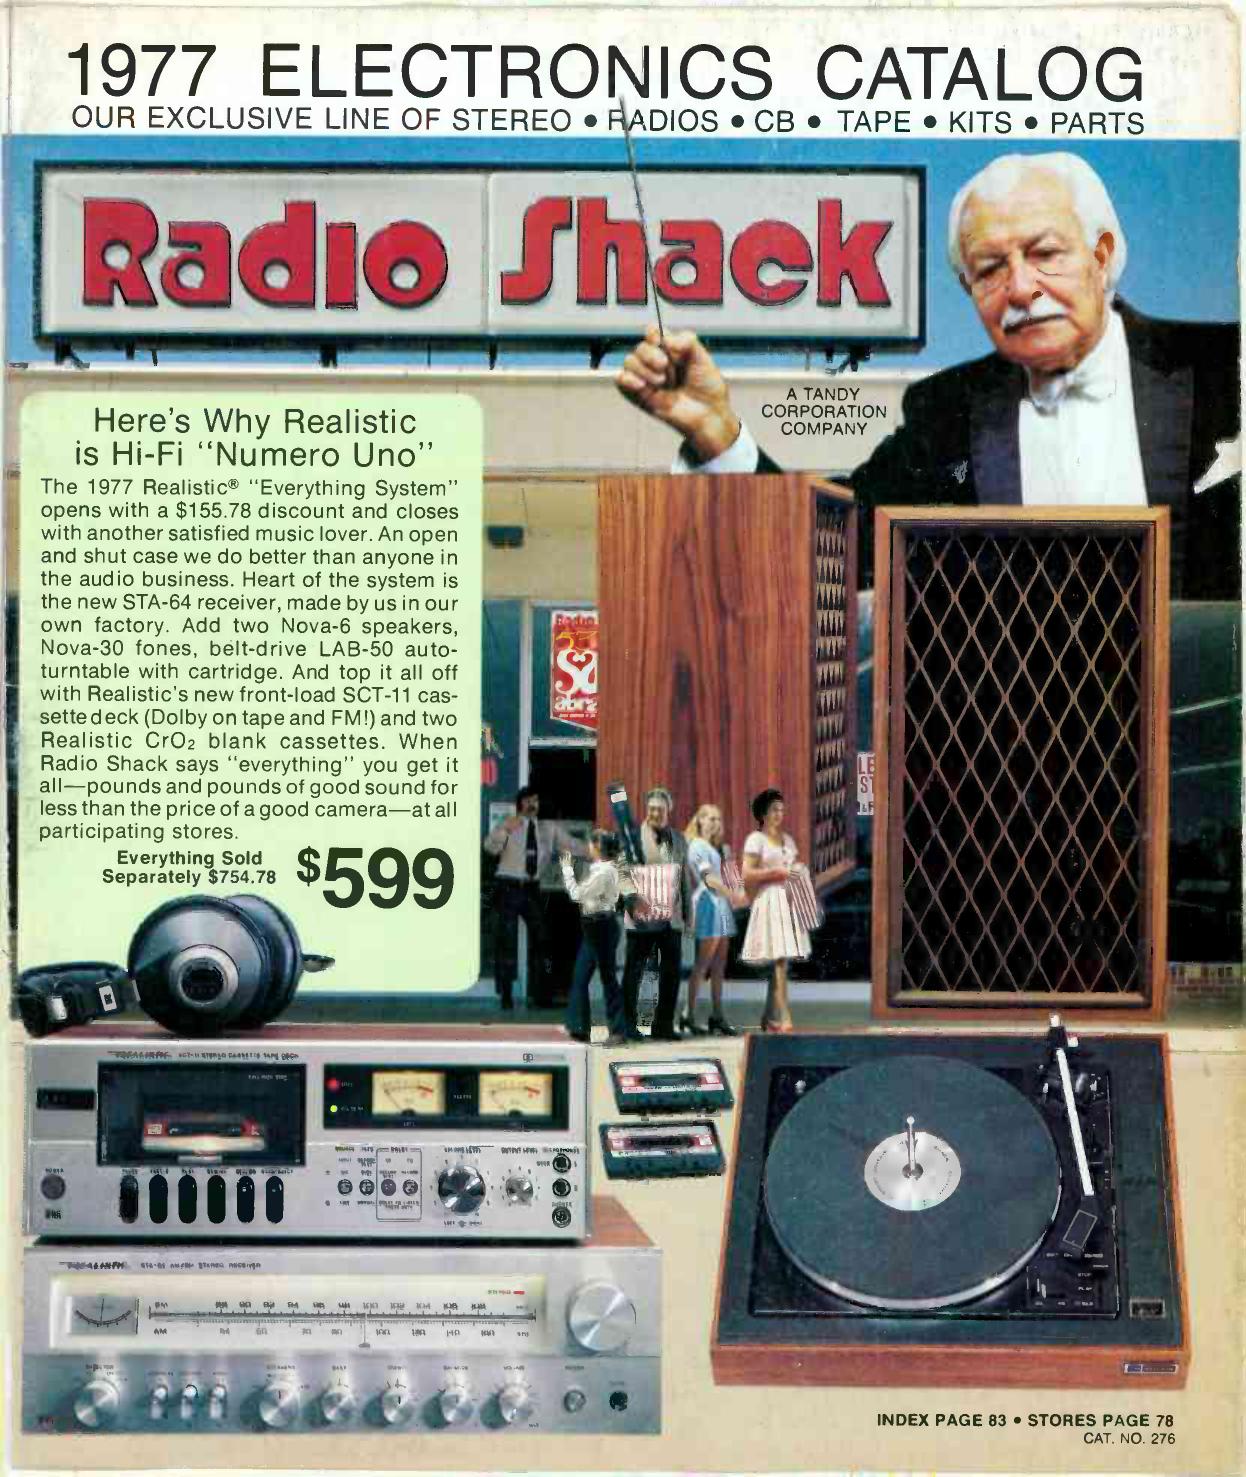 1977 electronics catalog | manualzz.com on